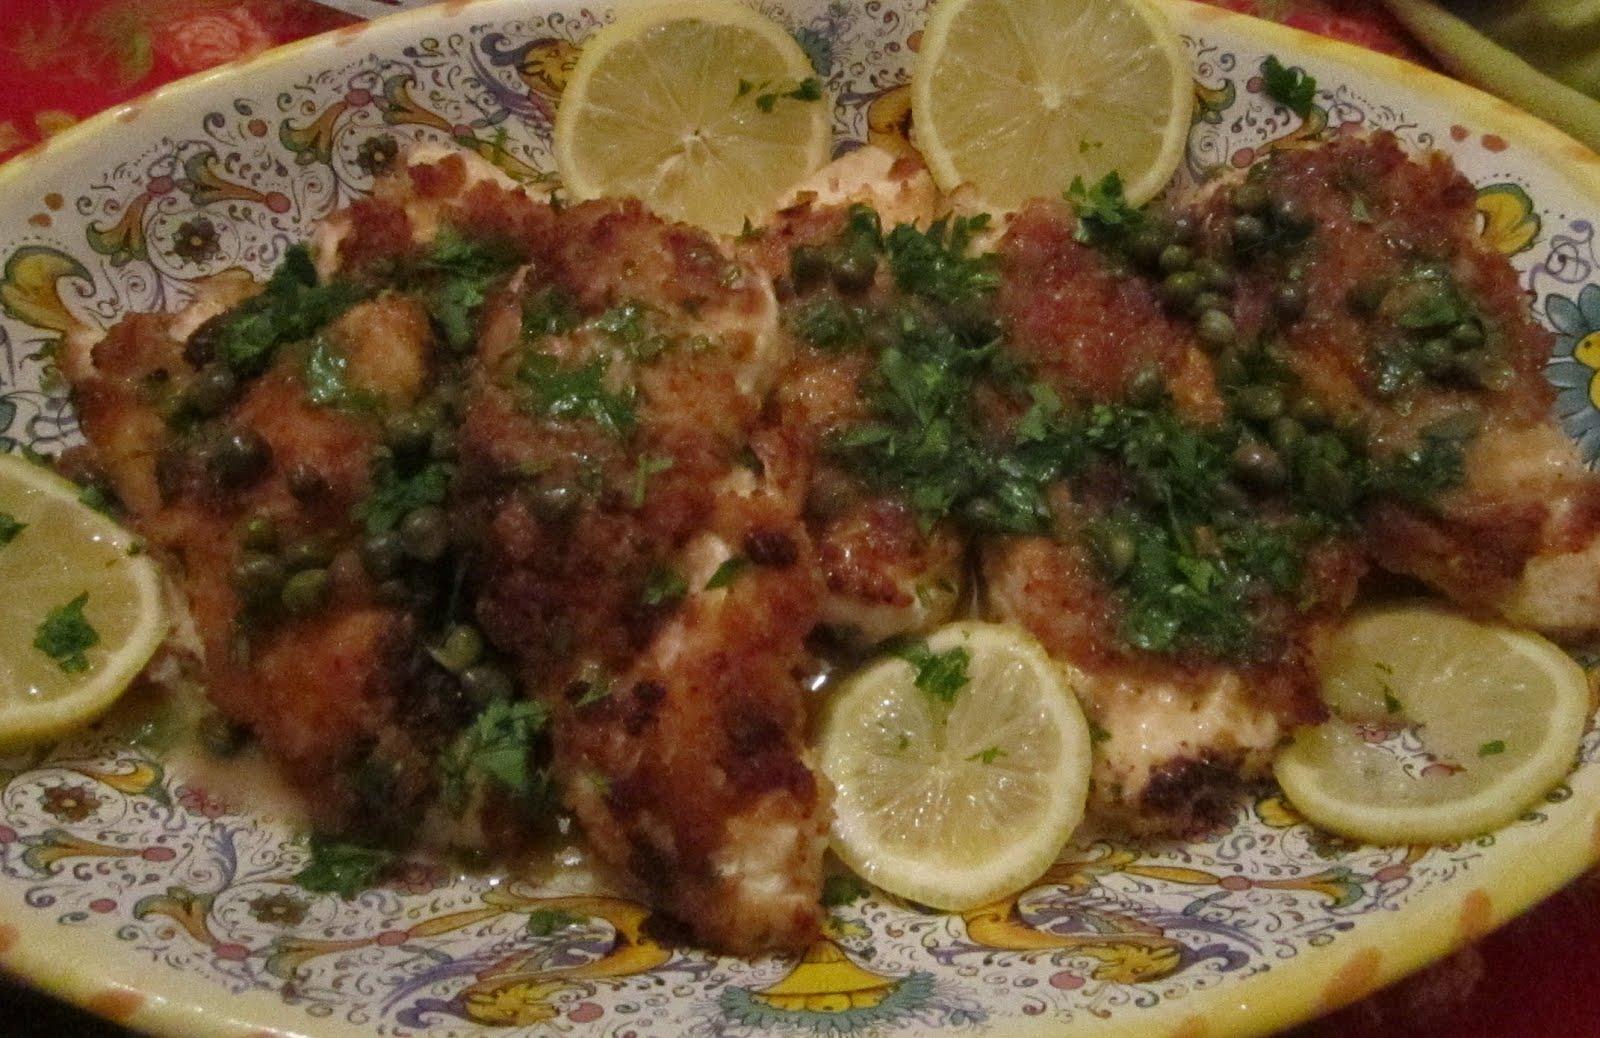 KnitOne,PearlOnion: Lemon Chicken Piccata